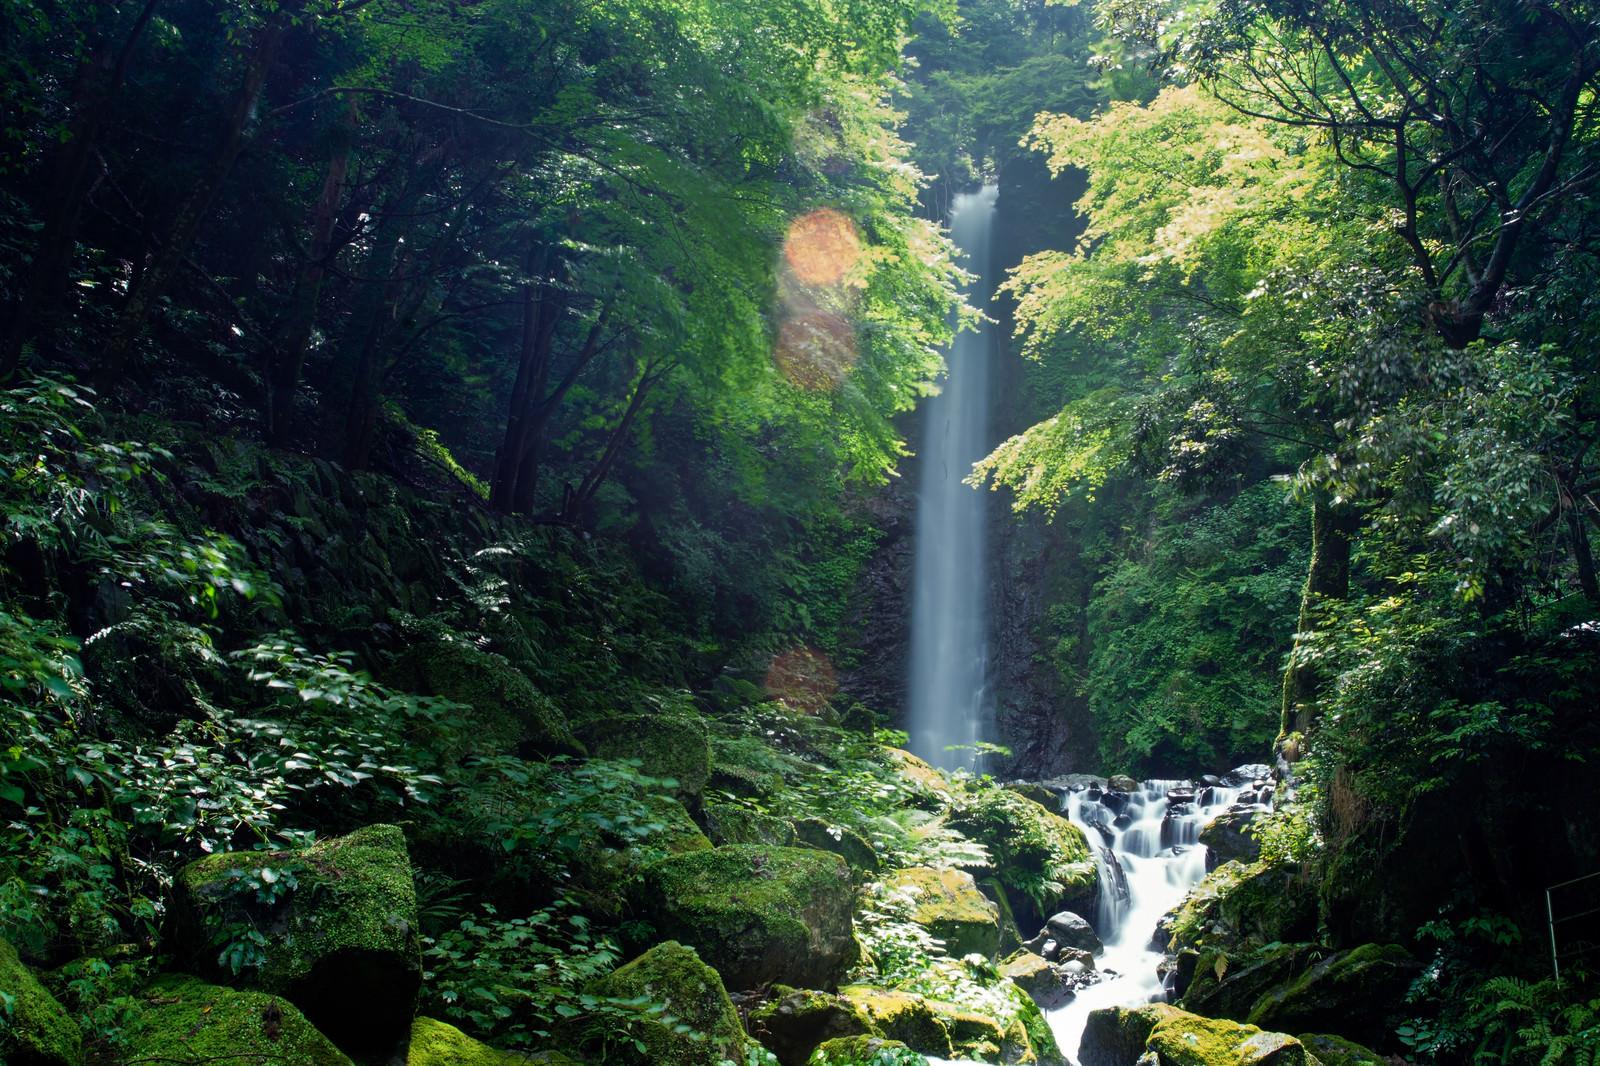 「梅雨の晴れ間の日差しに輝く木々の緑」の写真